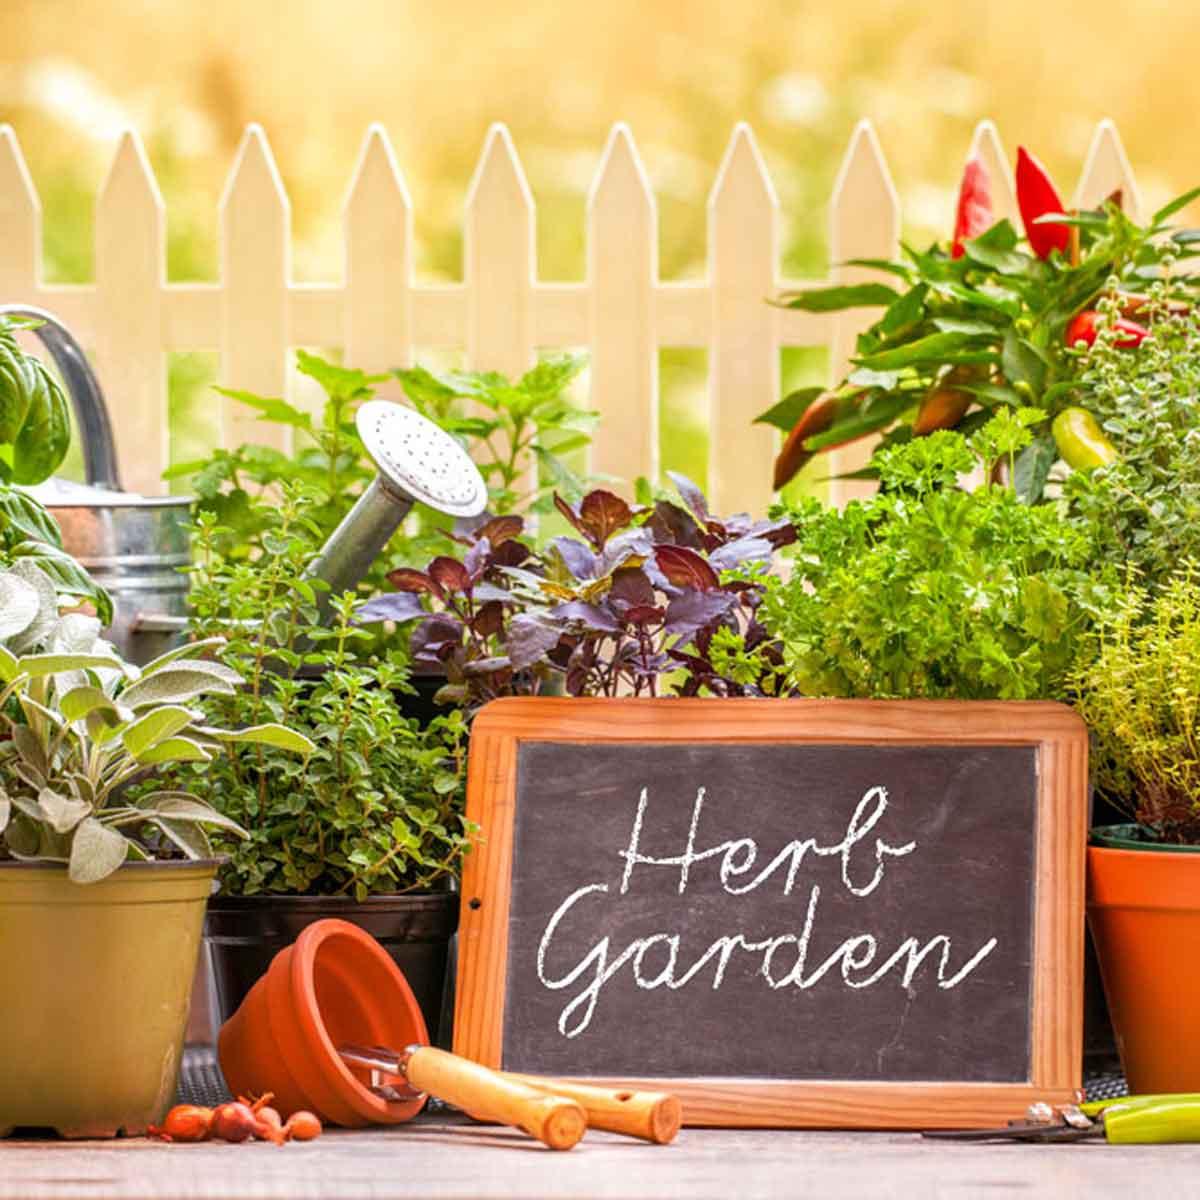 Herb garden, utilità e bellezza